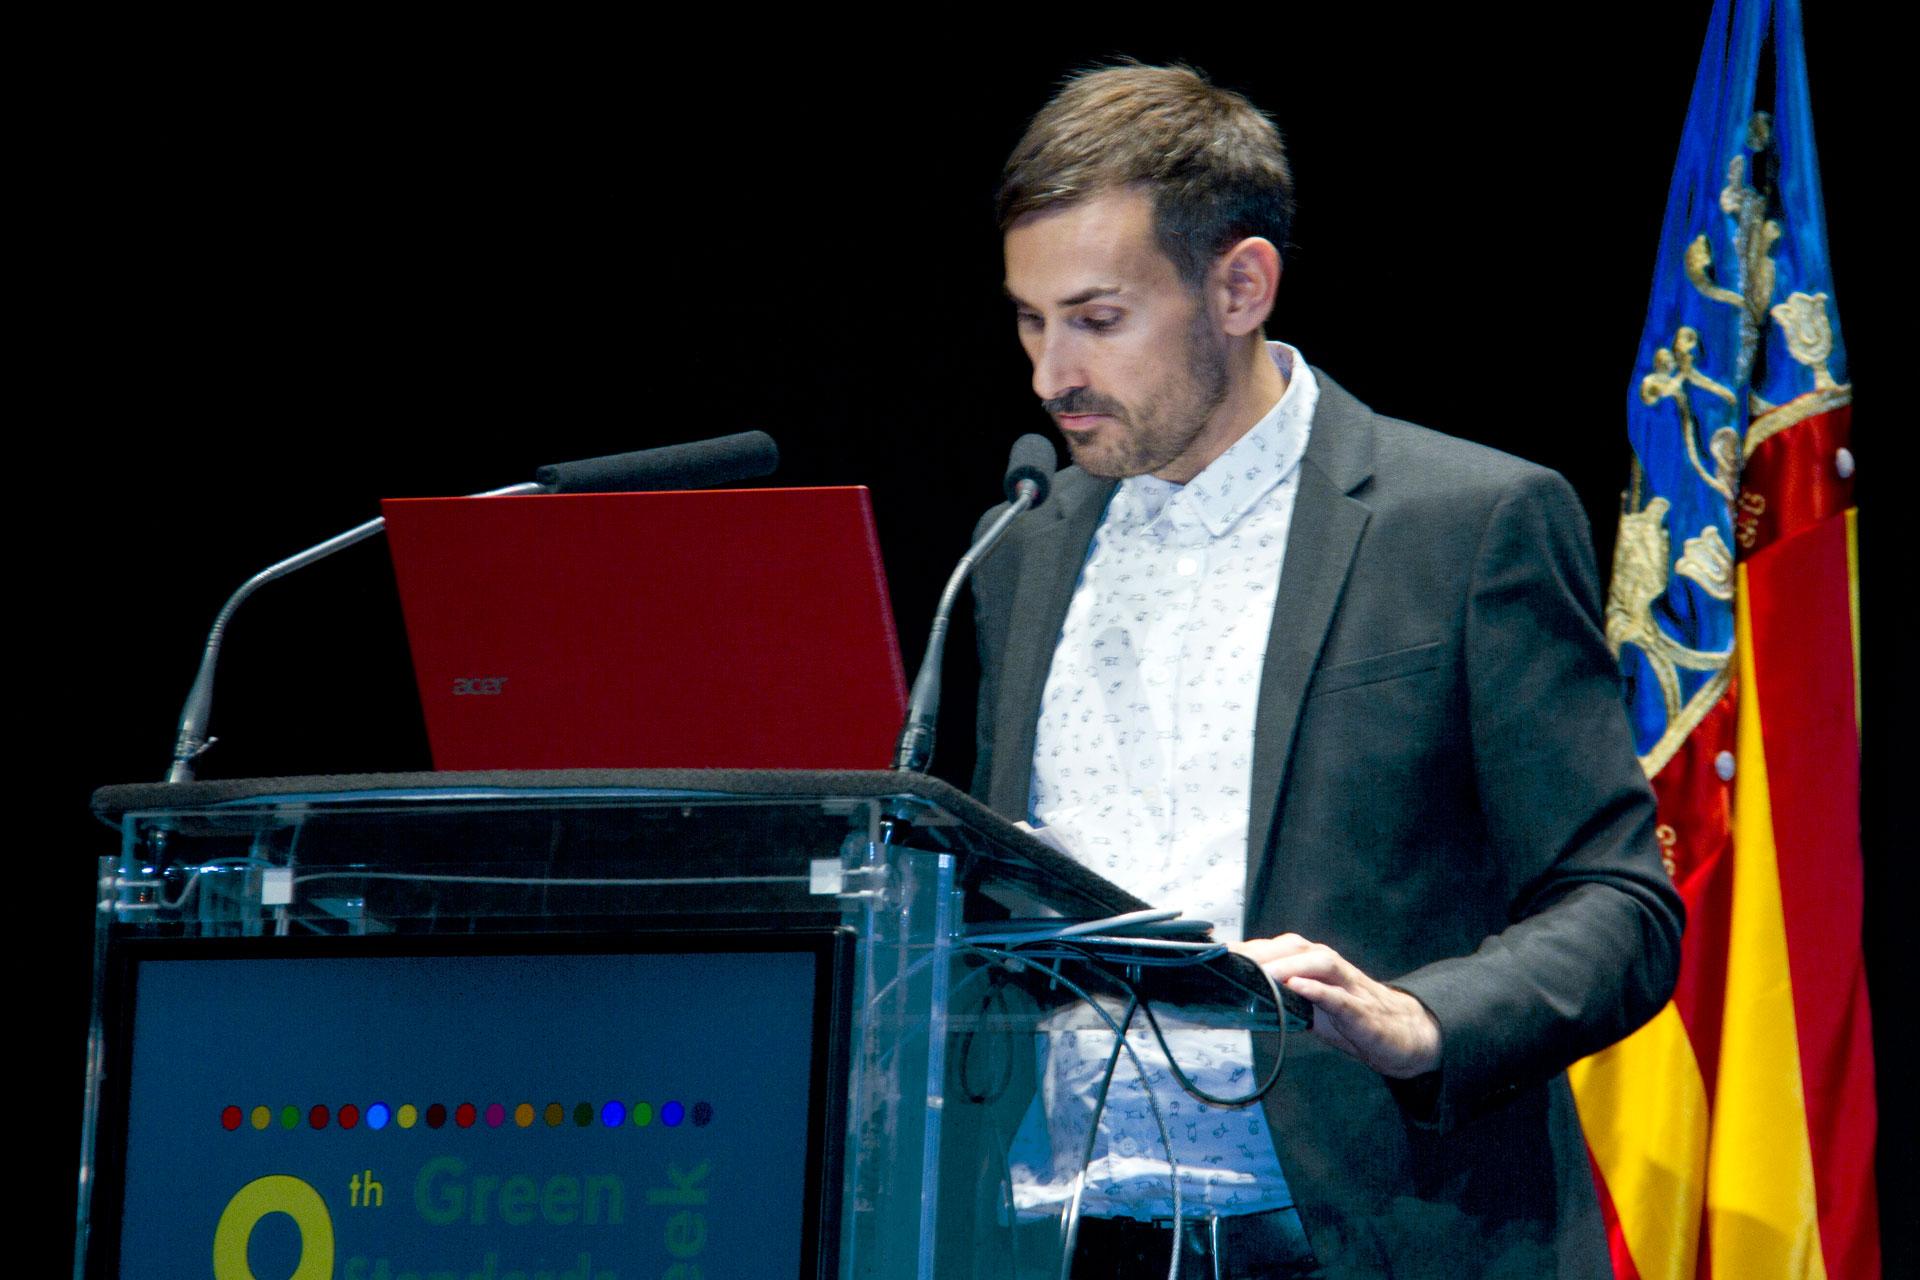 Sergi Campillo en la 9ª Setmana de les Normes Verdes - Connectant les ciutats amb els Objectius de Desenvolupament Sostenible